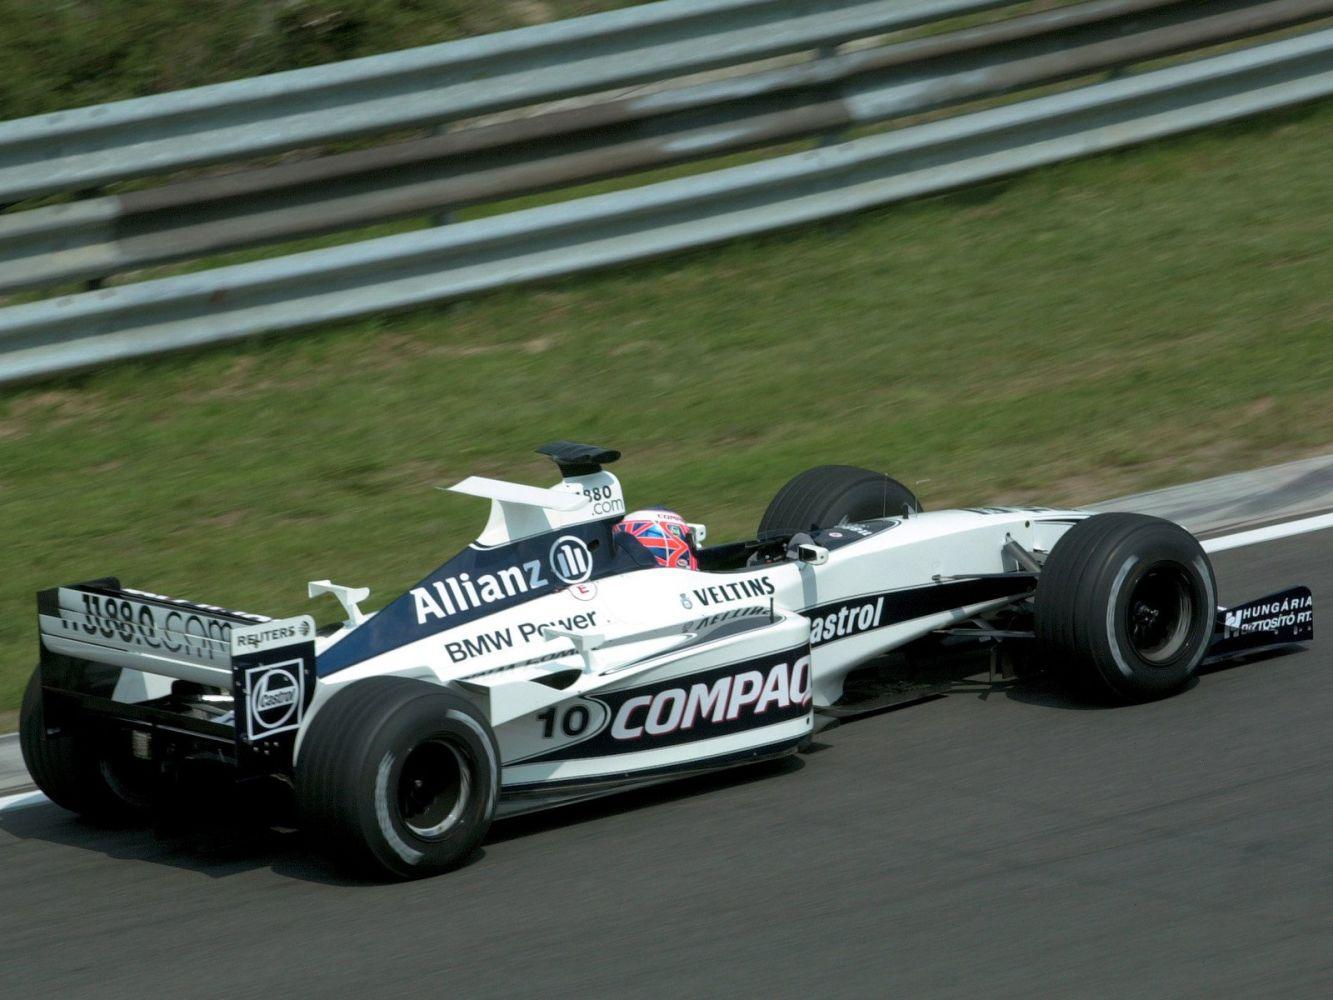 BMW Williams F1 FW22